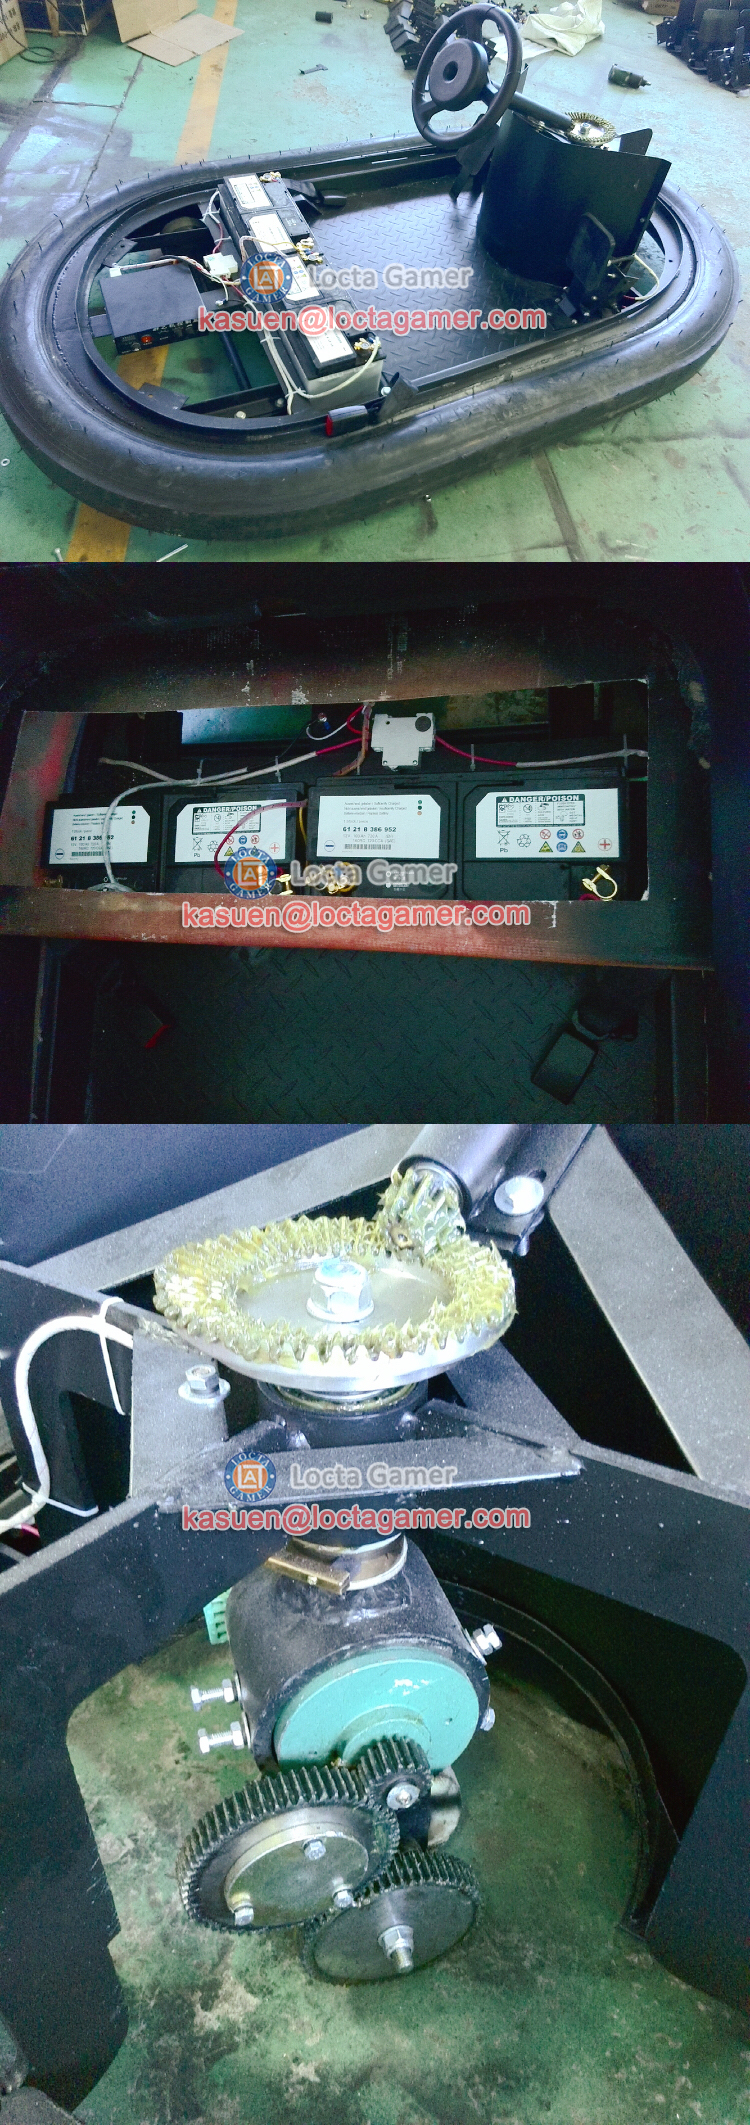 Fibra de vidro Zhongshan venda quente parque de diversões monta amortecedor do carro bateria de carro elétrico amarelo para adultos dos miúdos